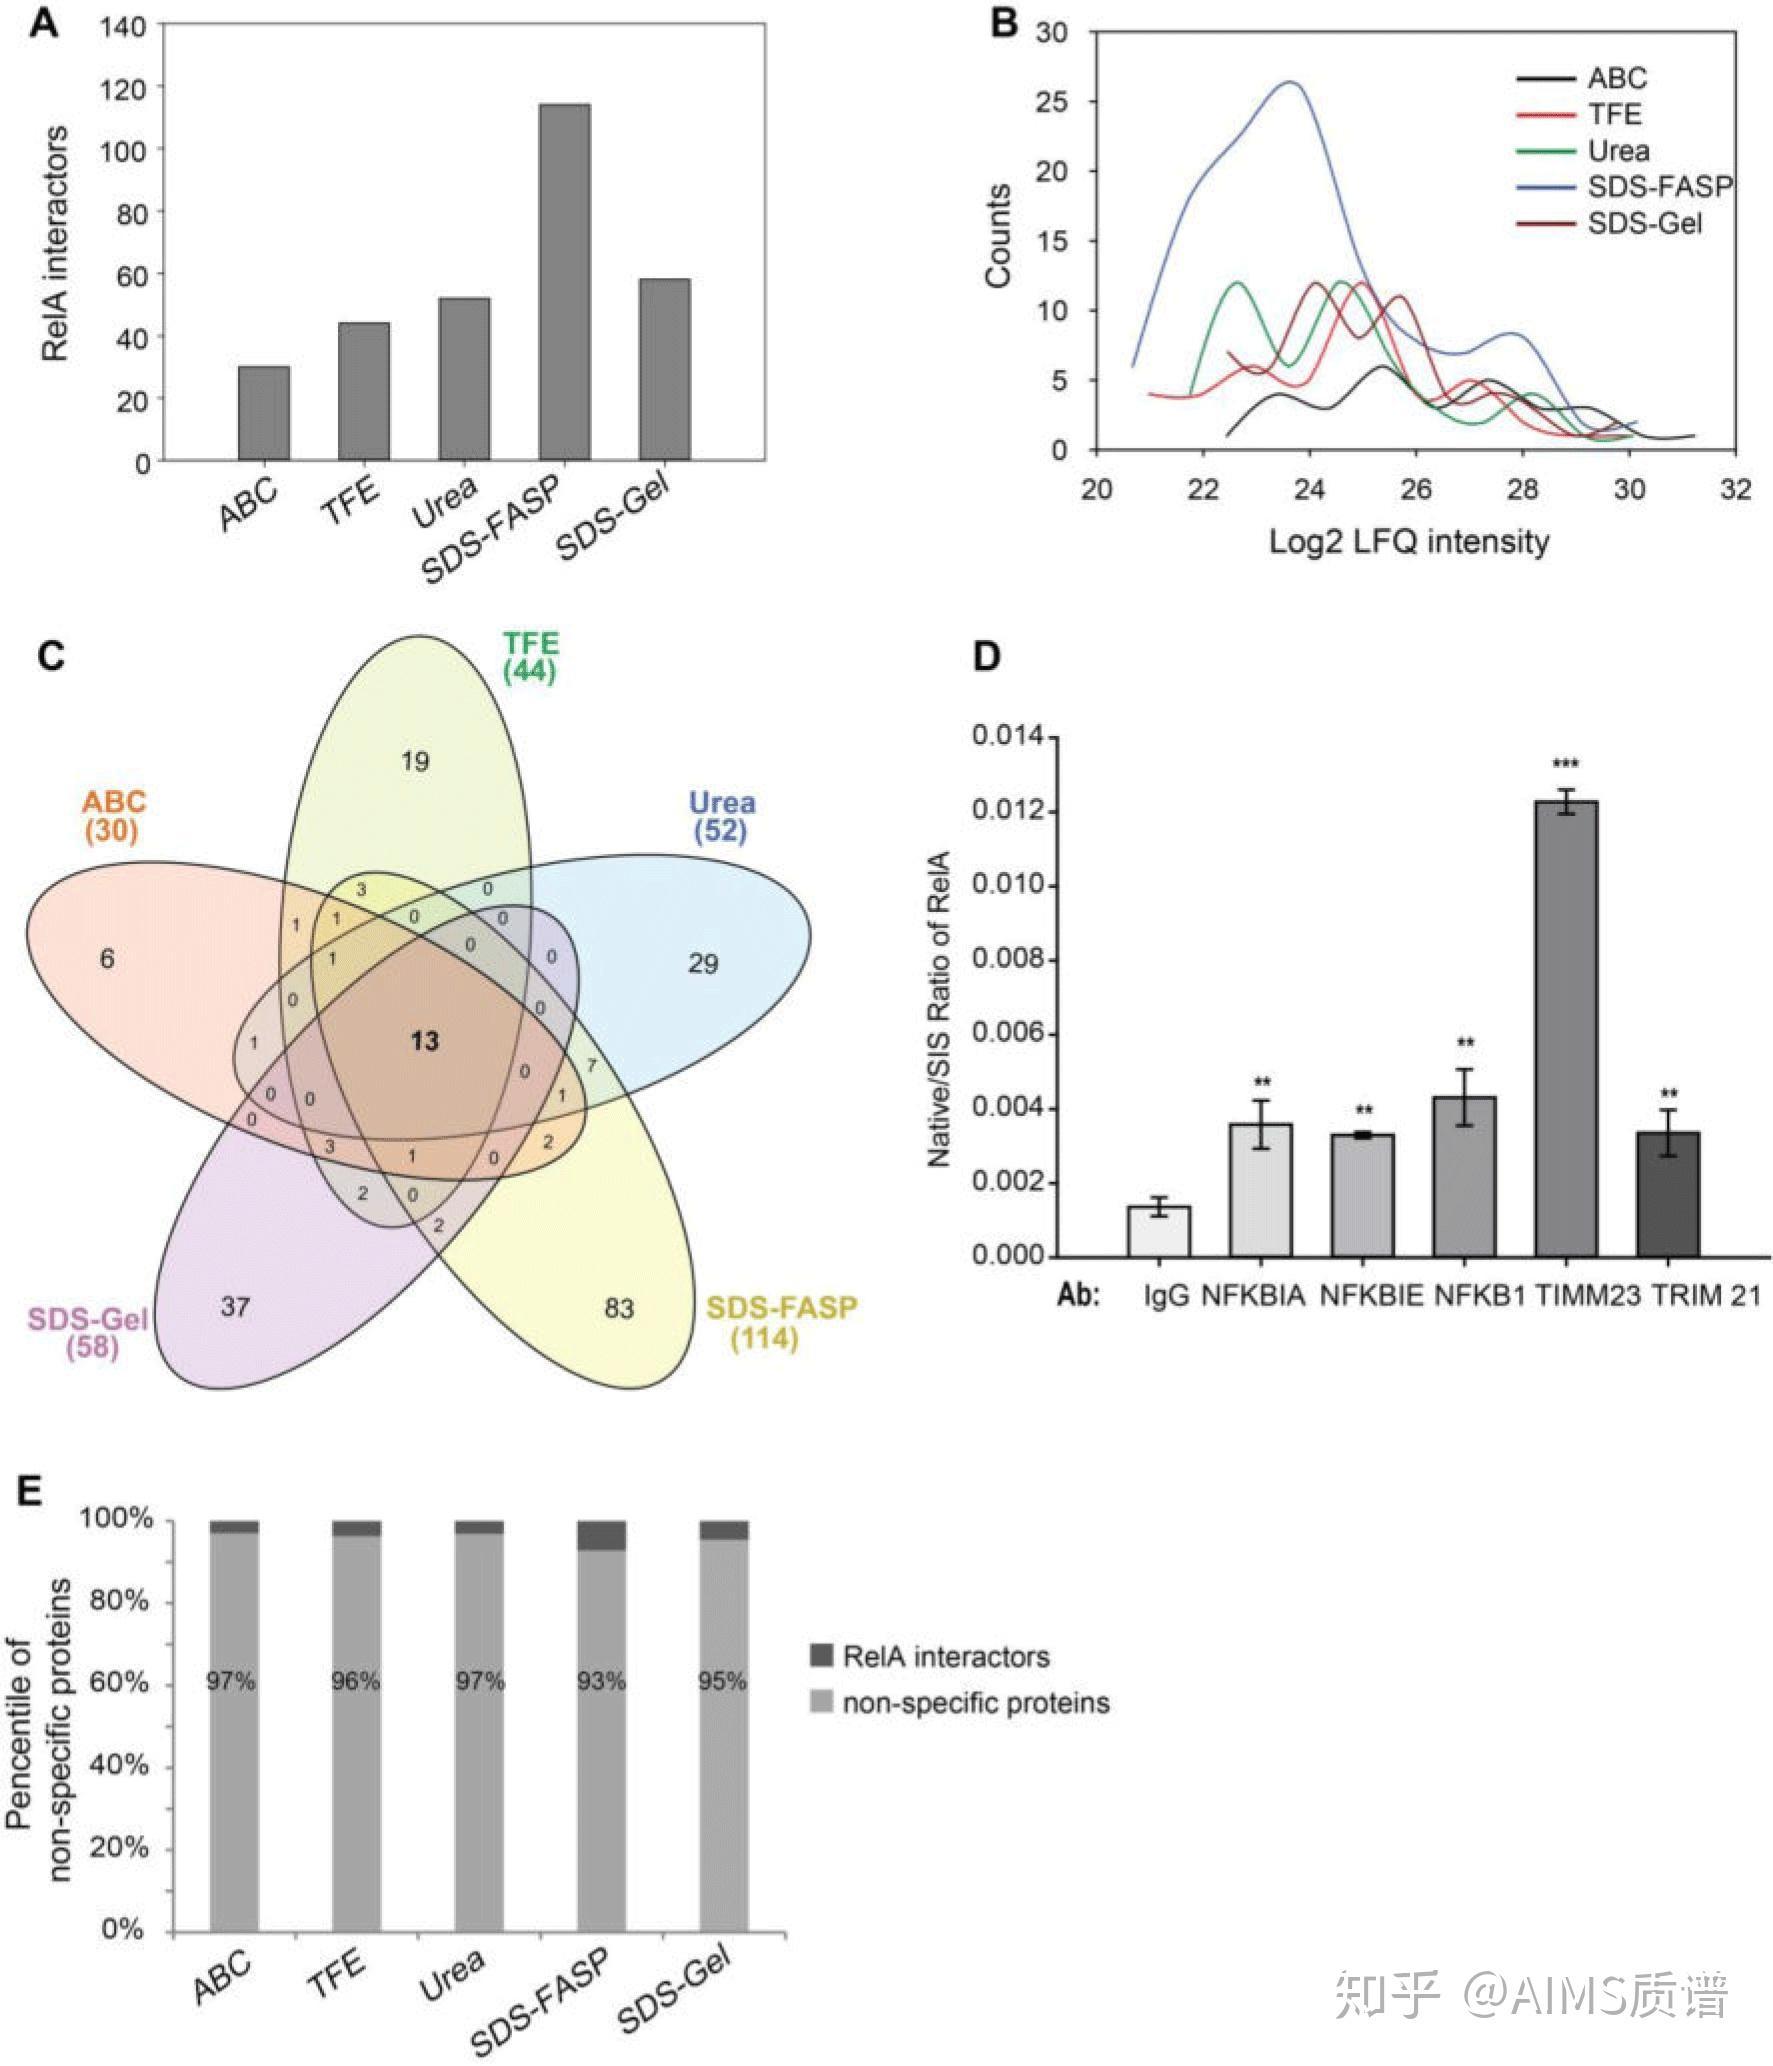 【方法篇】不同處理方法對質譜分析互作蛋白的影響 - 知乎